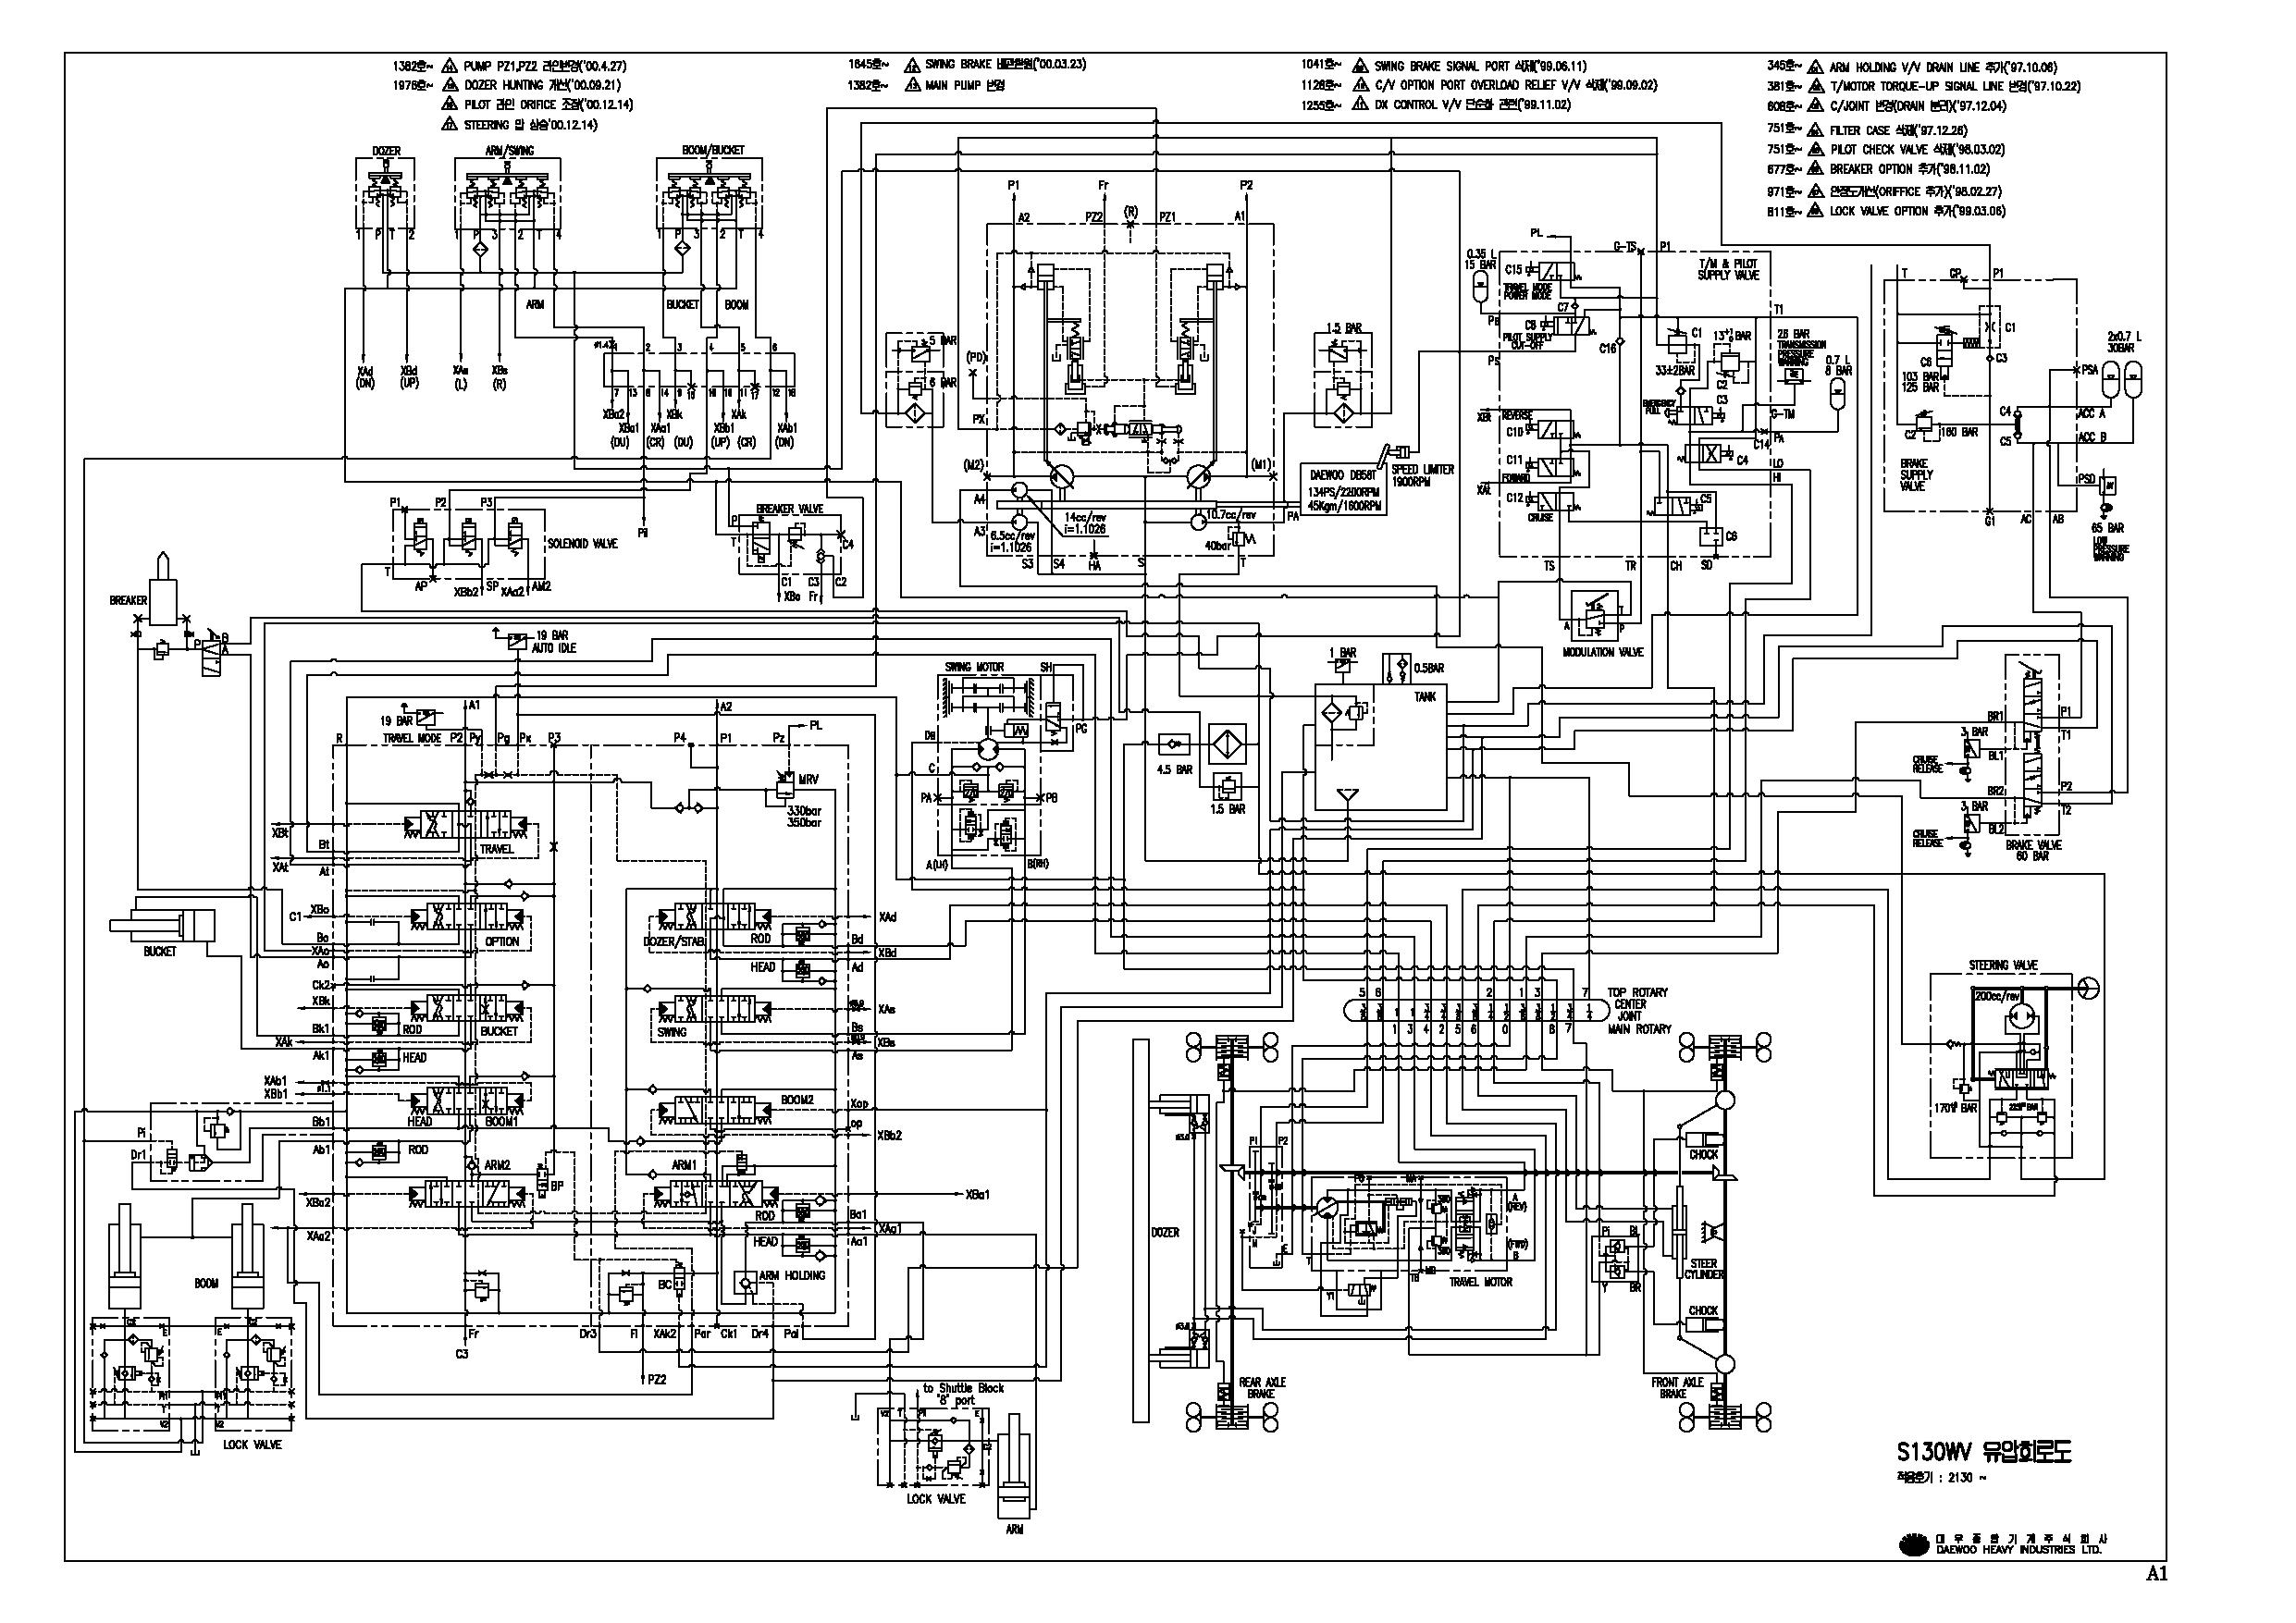 схема управления кейс 695 ст